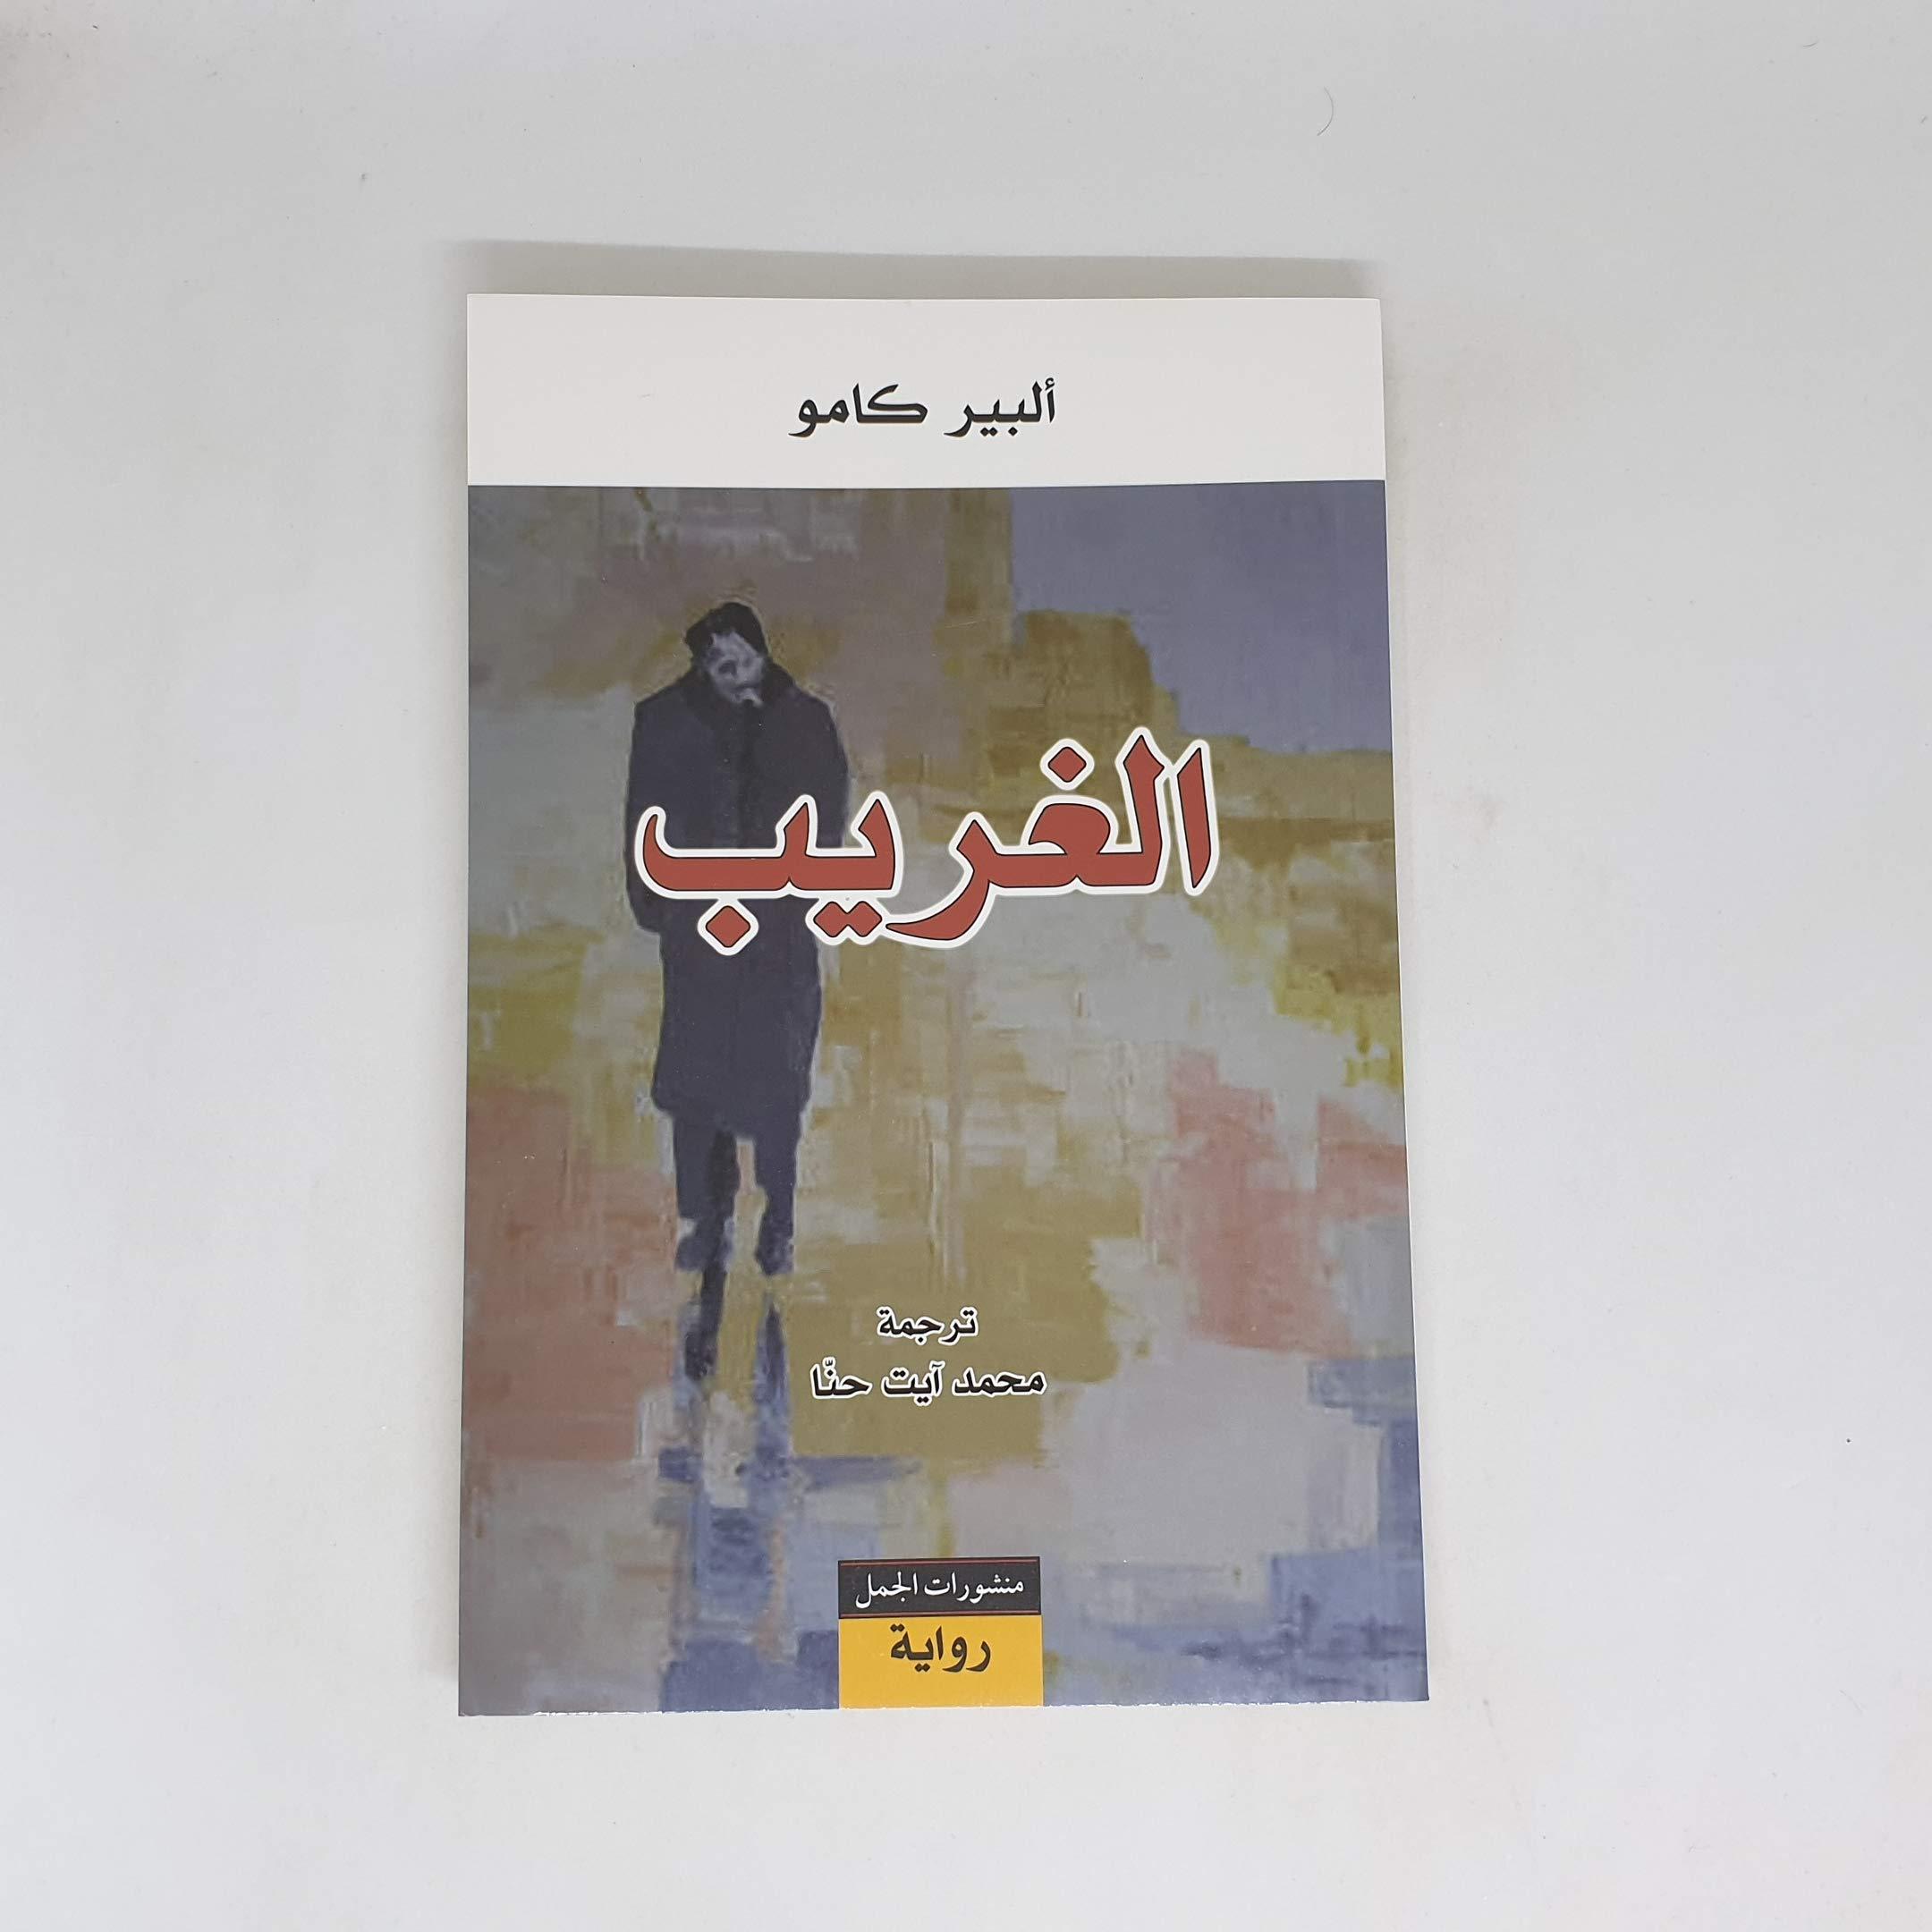 الغريب ألبير كامو محمد آيت حنا 6223002057962 Amazon Com Books